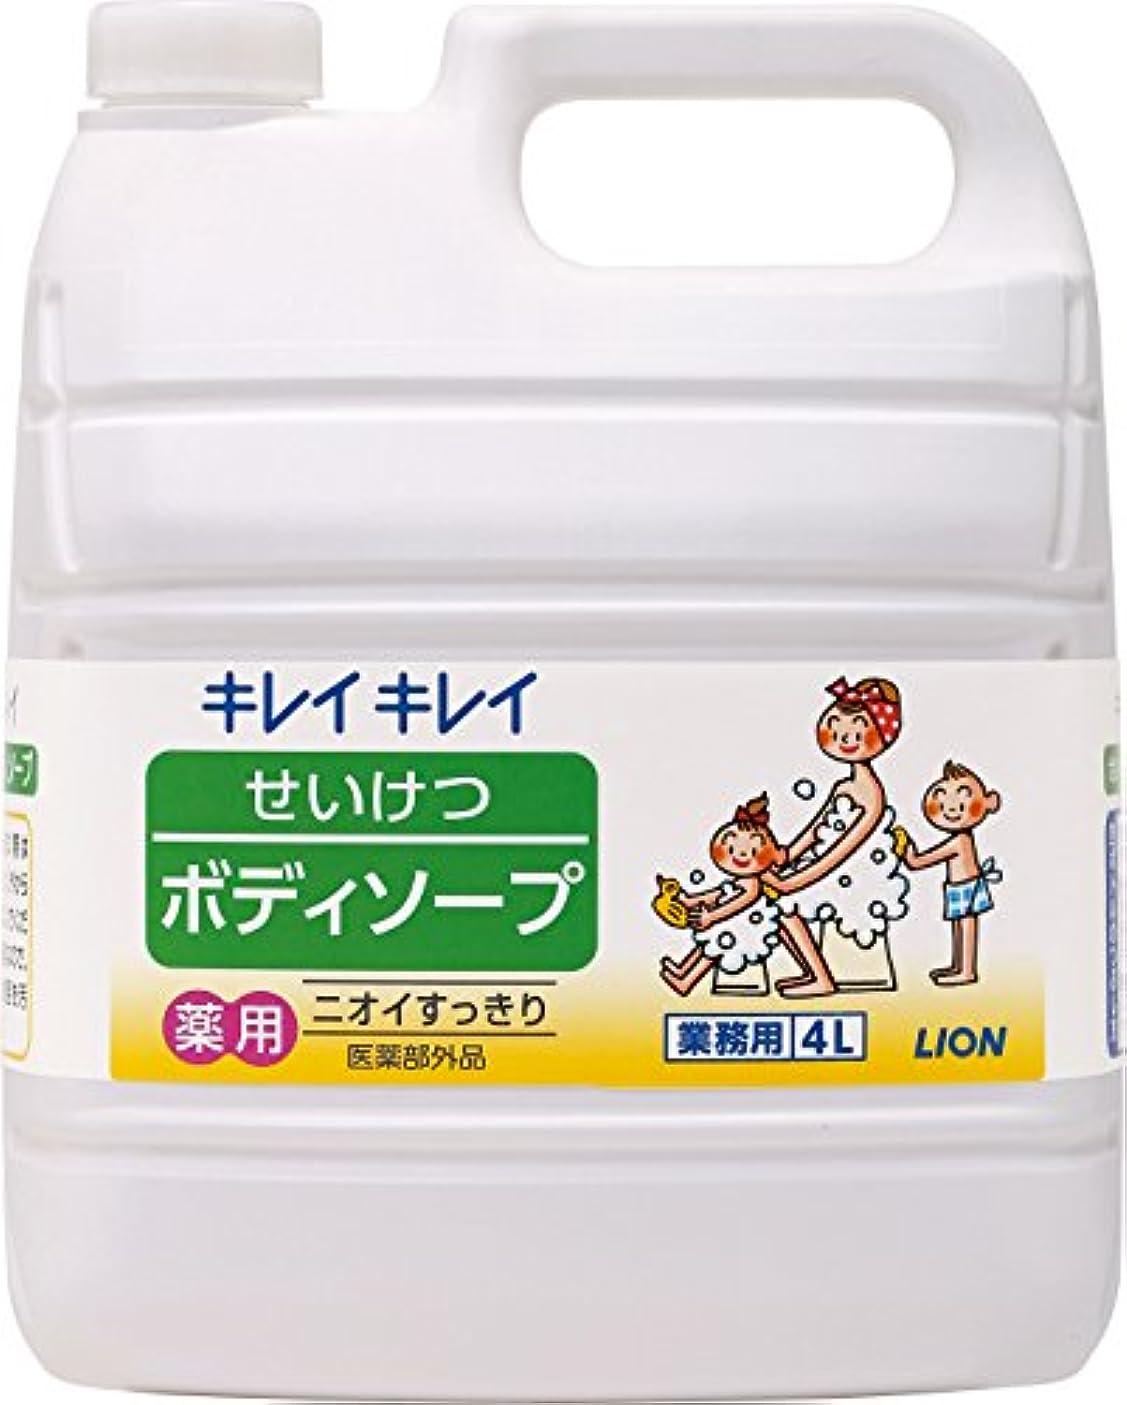 ダンプ詳細なクスクス【業務用 大容量】キレイキレイ せいけつボディソープ さわやかなレモン&オレンジの香り 4L(医薬部外品)